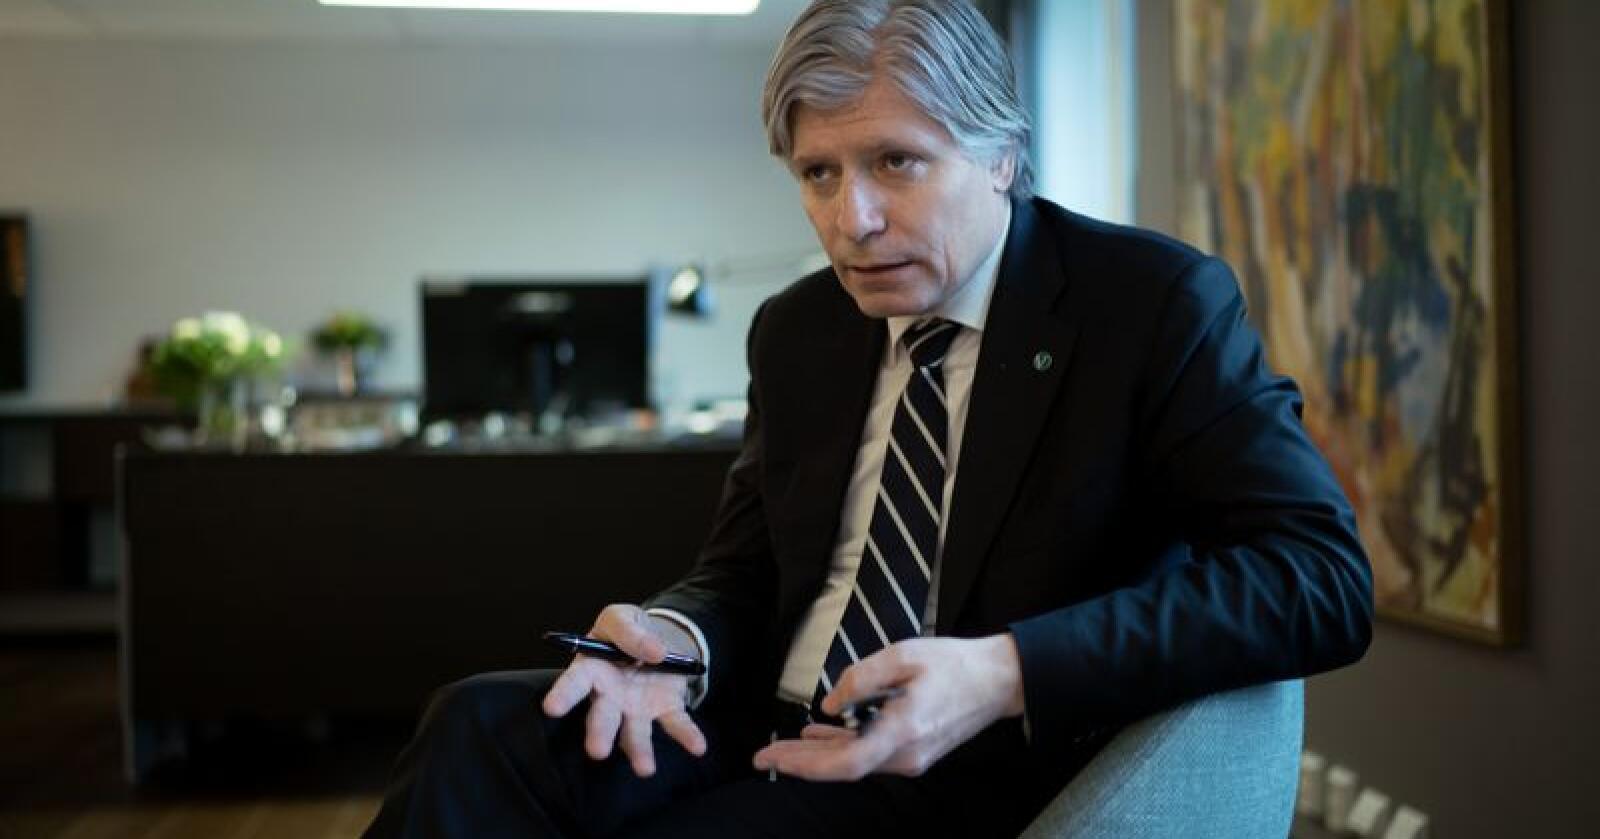 Klima- og miljøminister Ola Elvestuen (V). Foto: Ketil Blom Haugstulen